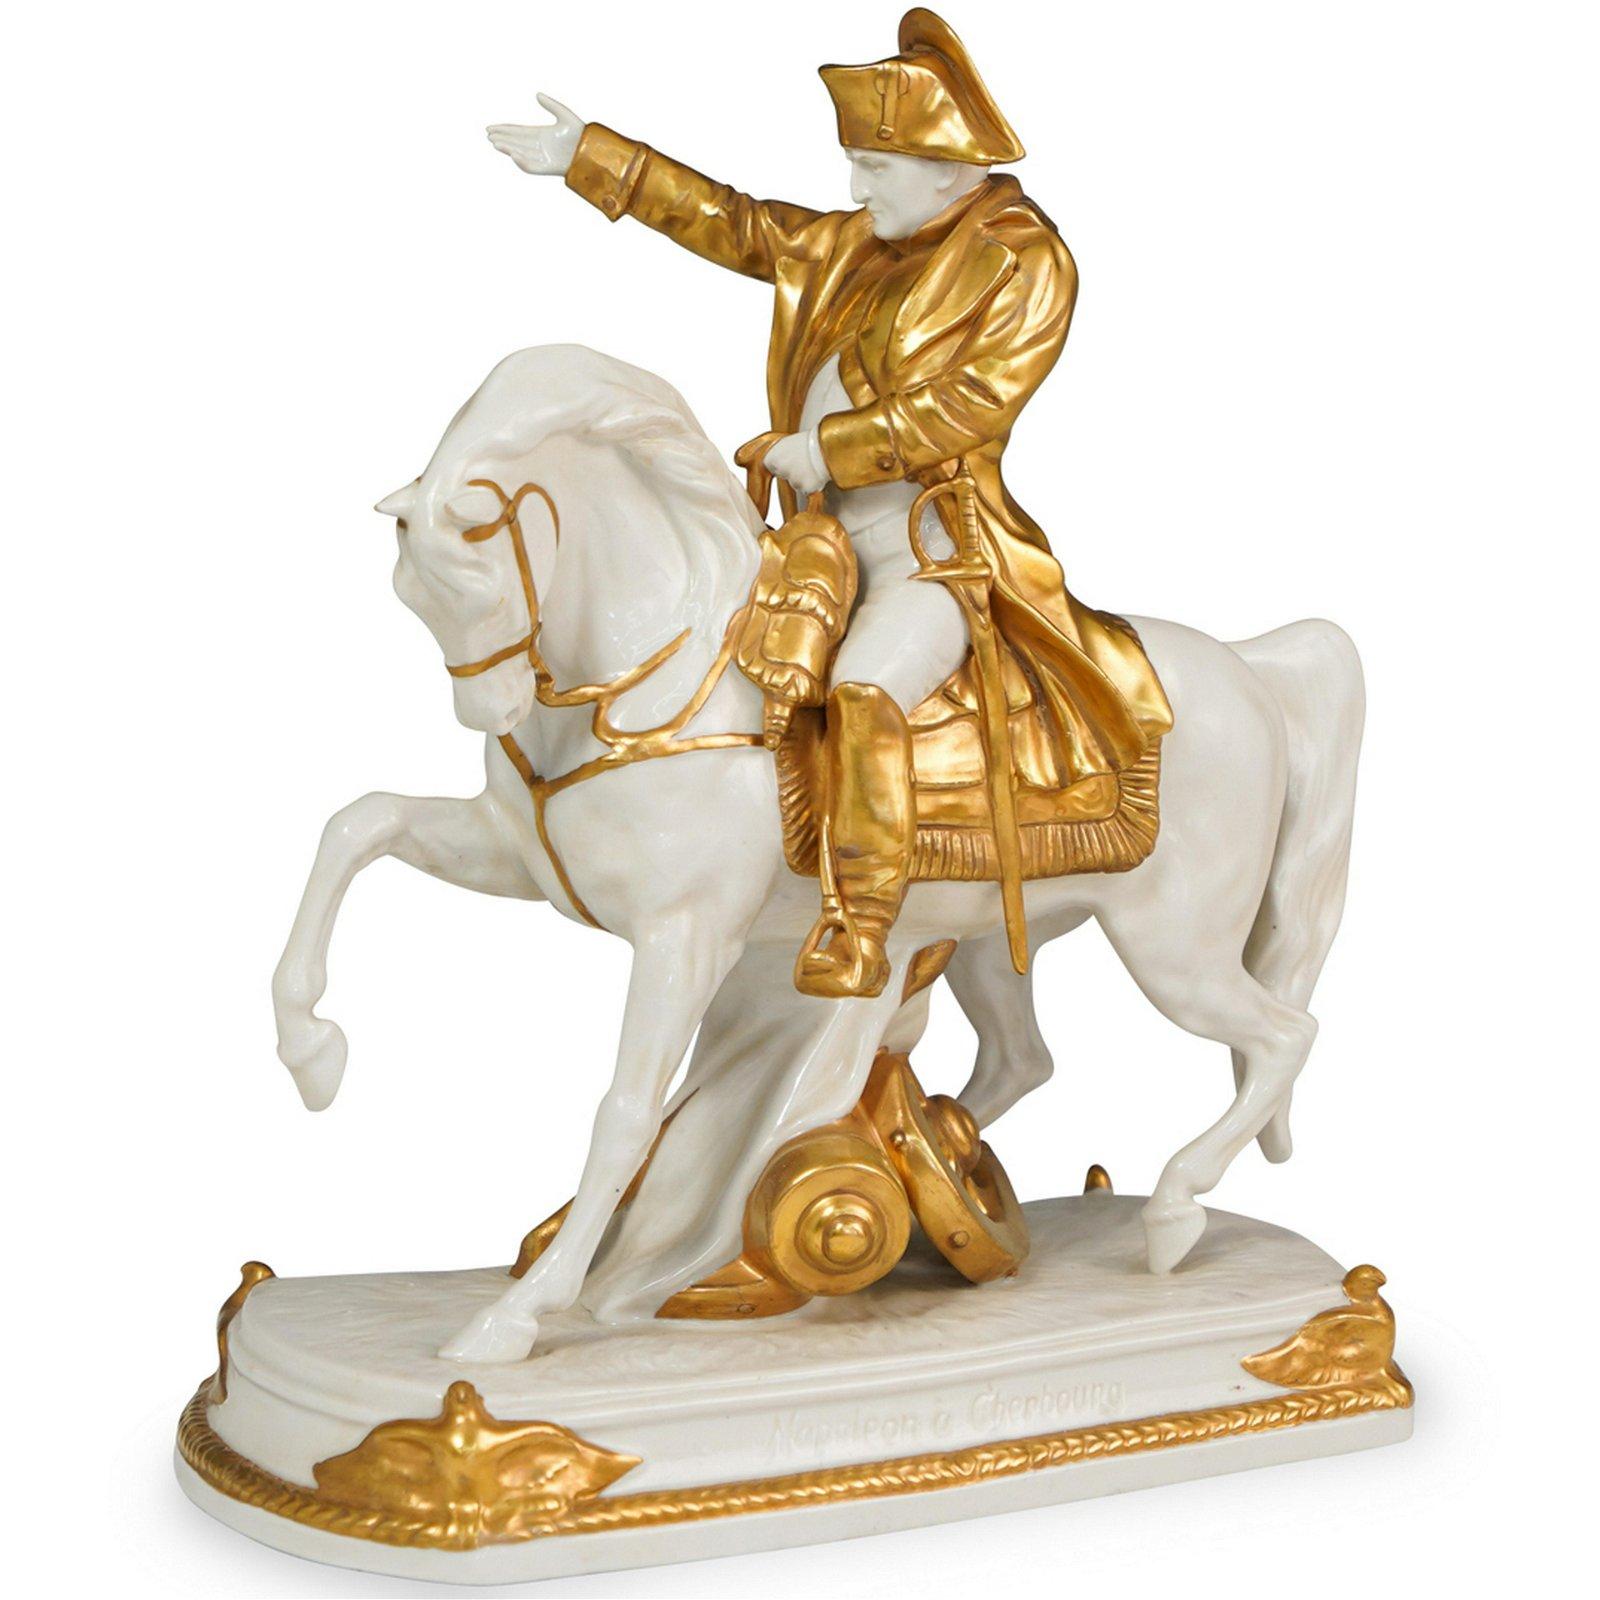 Antique Sitzendorf Napoleon Figurine